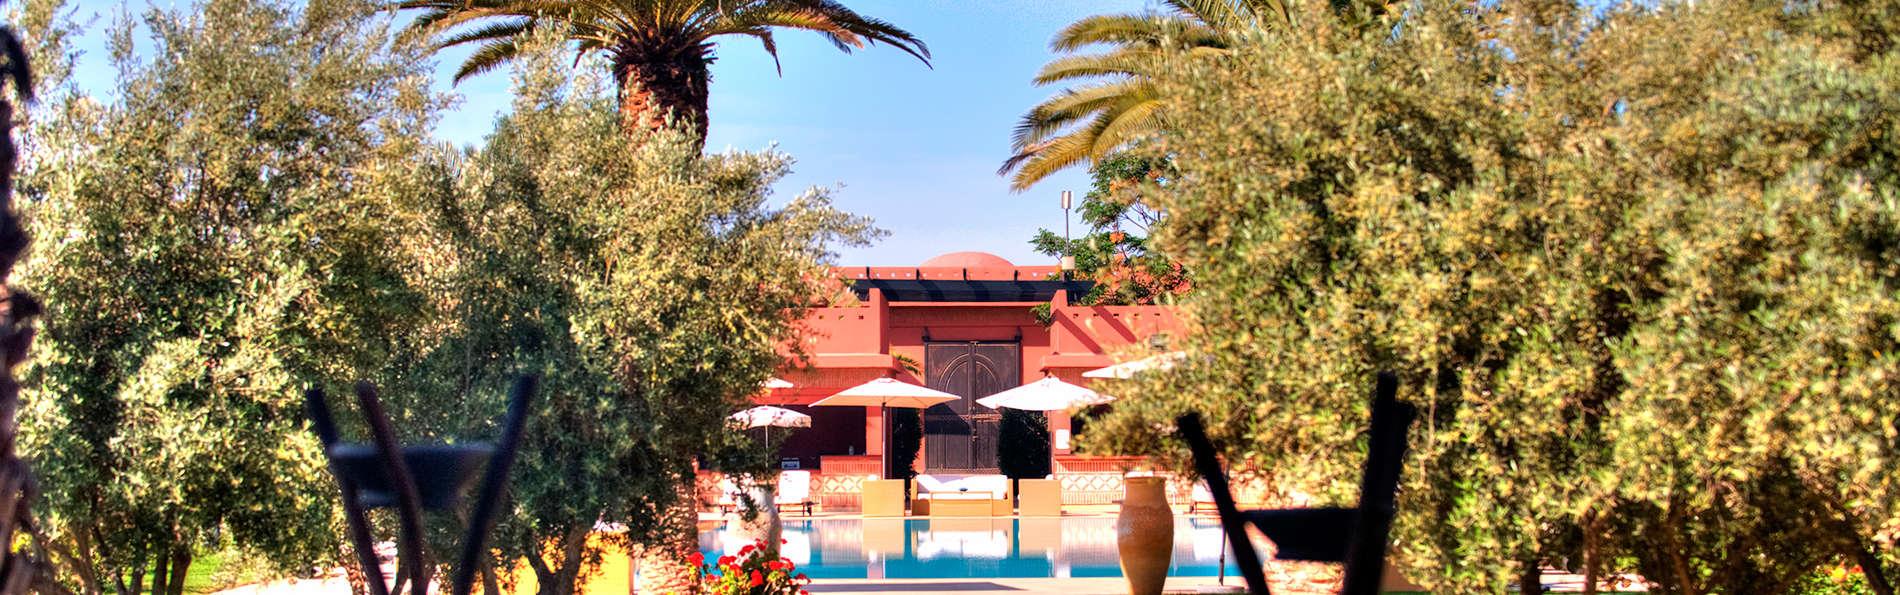 Hotel Domaine Des Remparts Charmehotel Marrakech